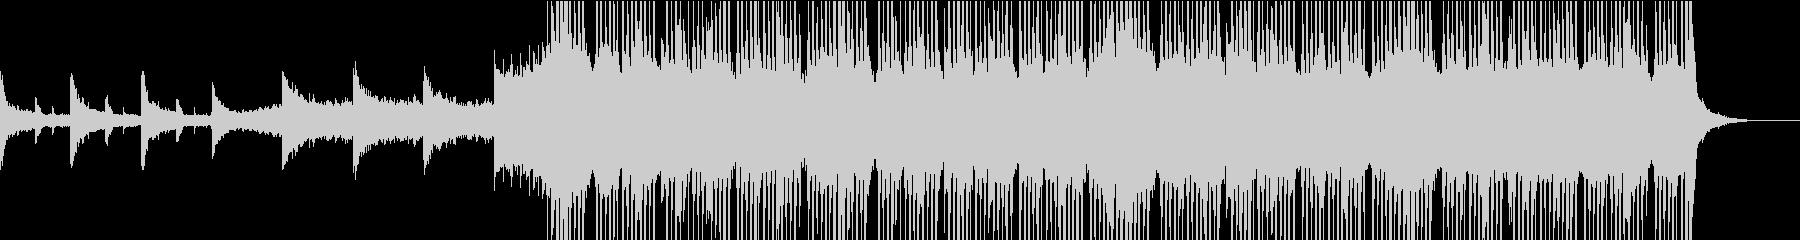 動画のエンディング等に使えるエモいEDMの未再生の波形